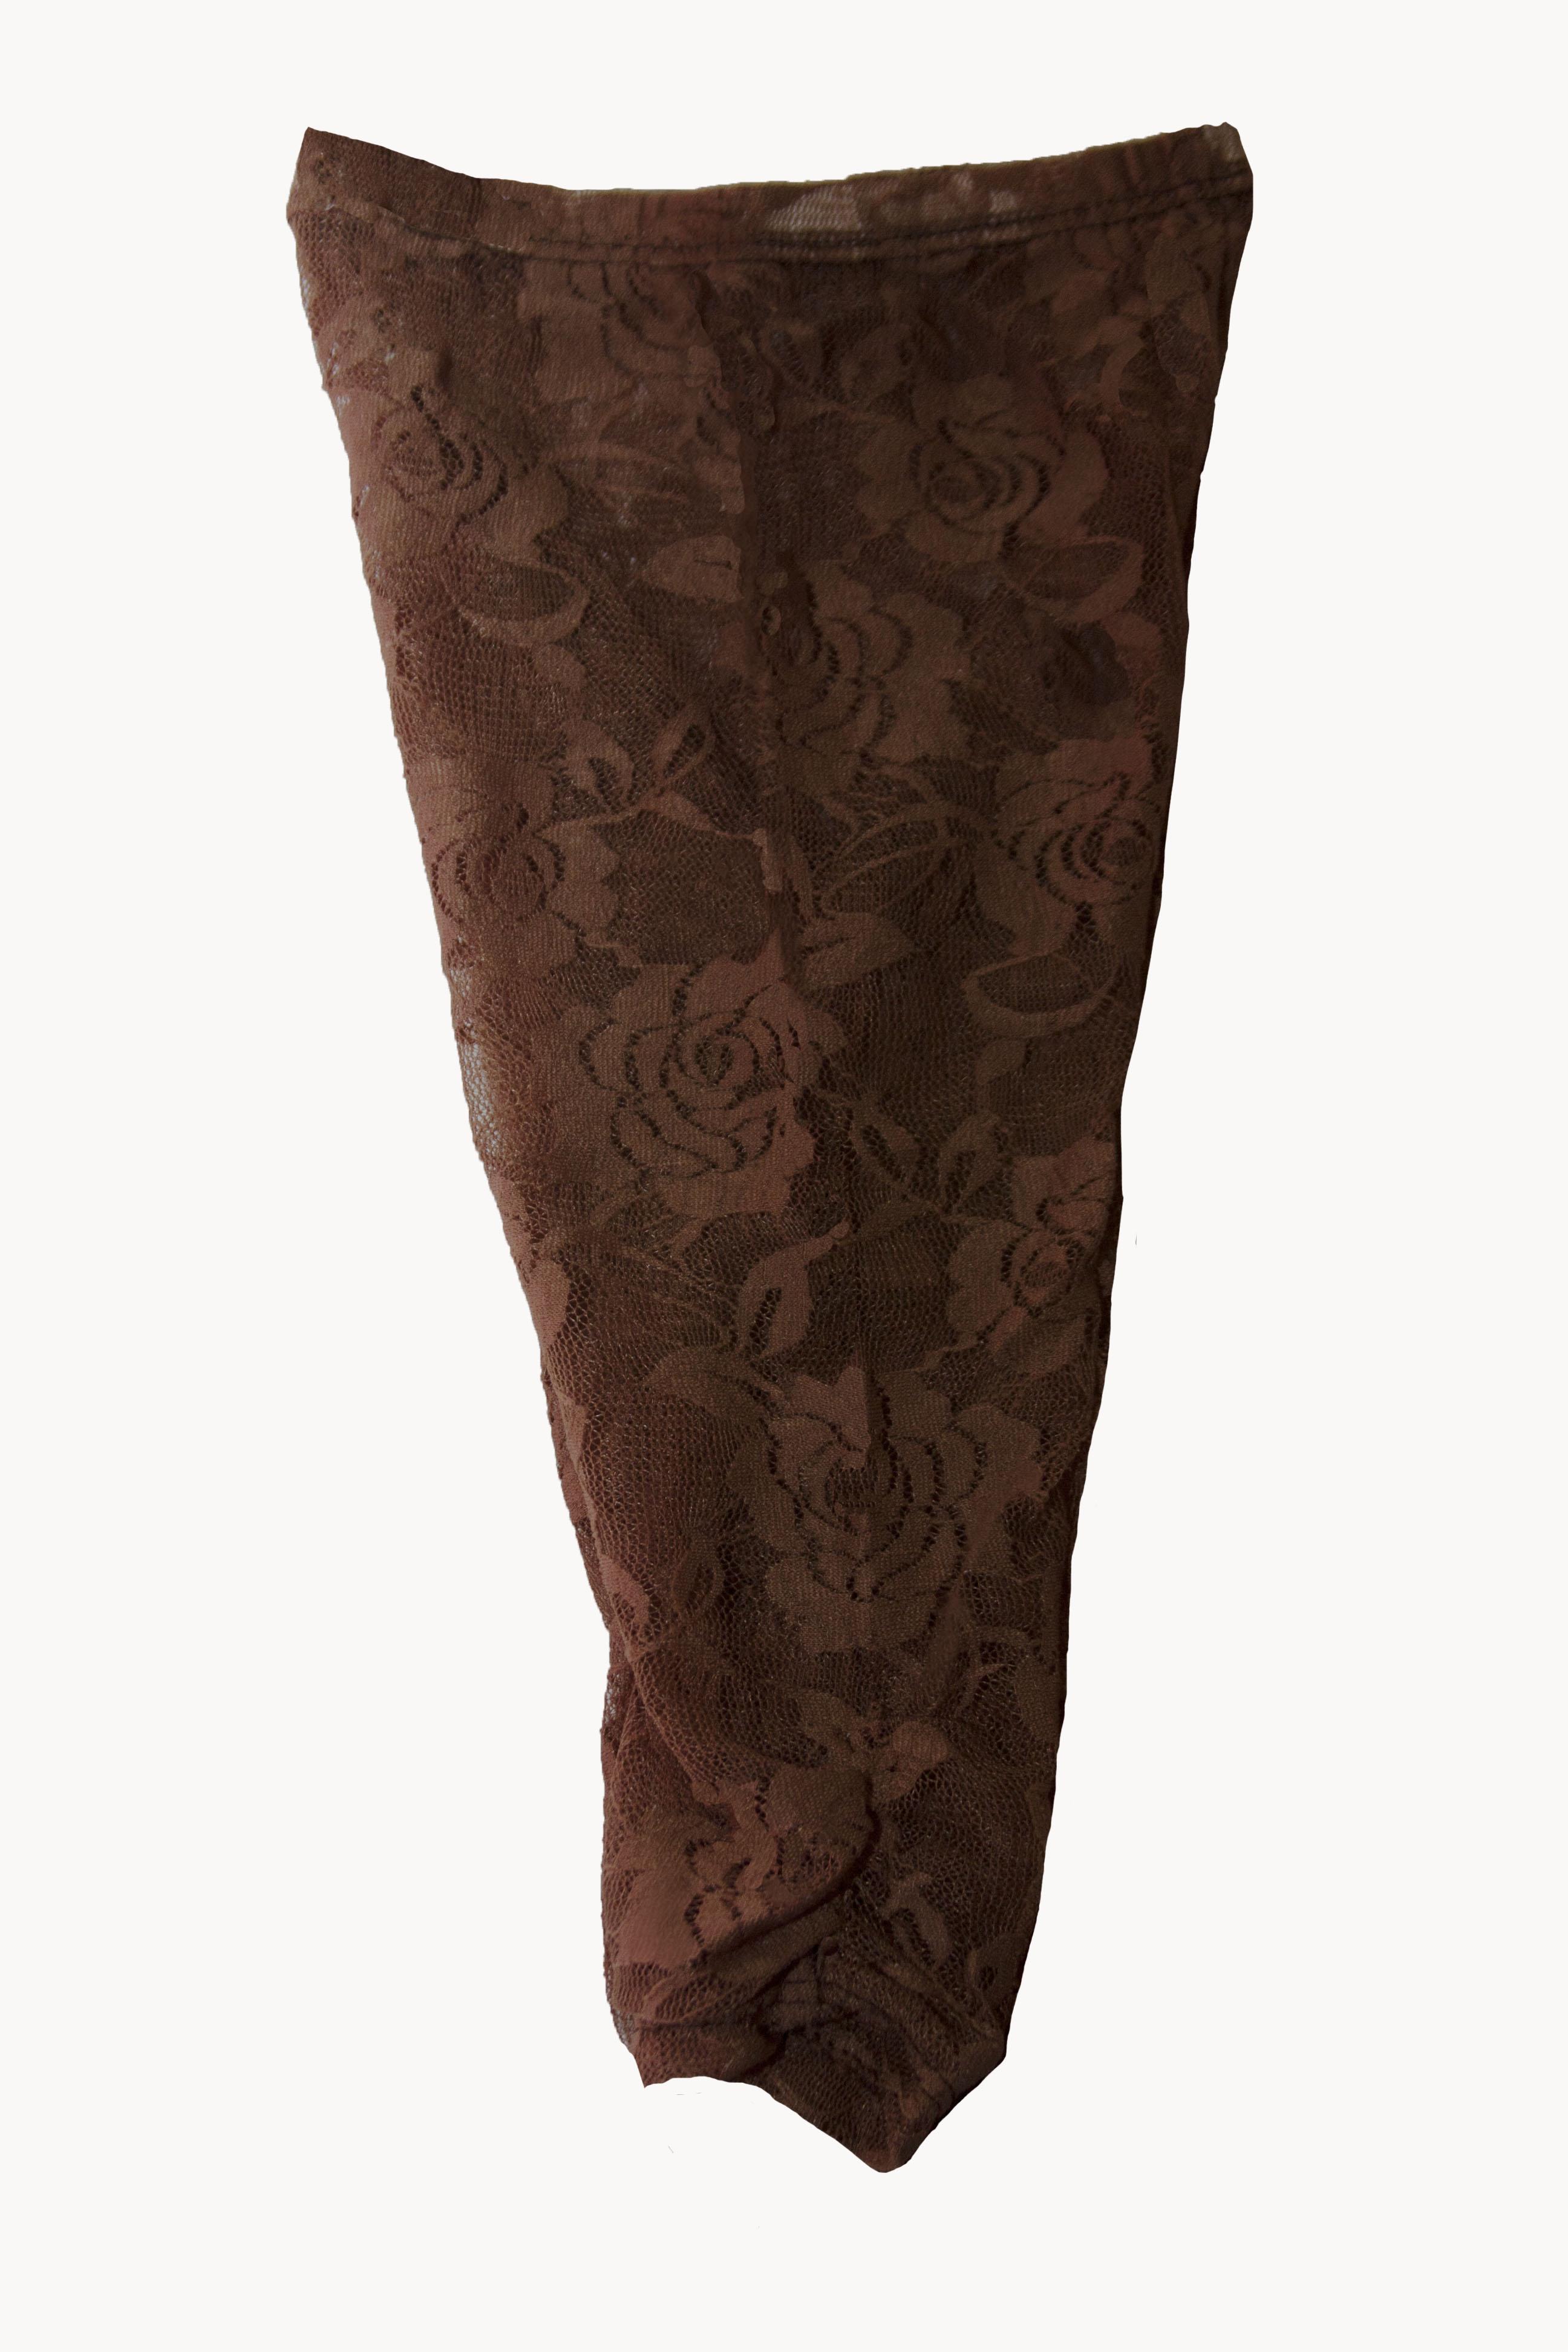 brown floral lace leggingsstretch lace leggingslace baby